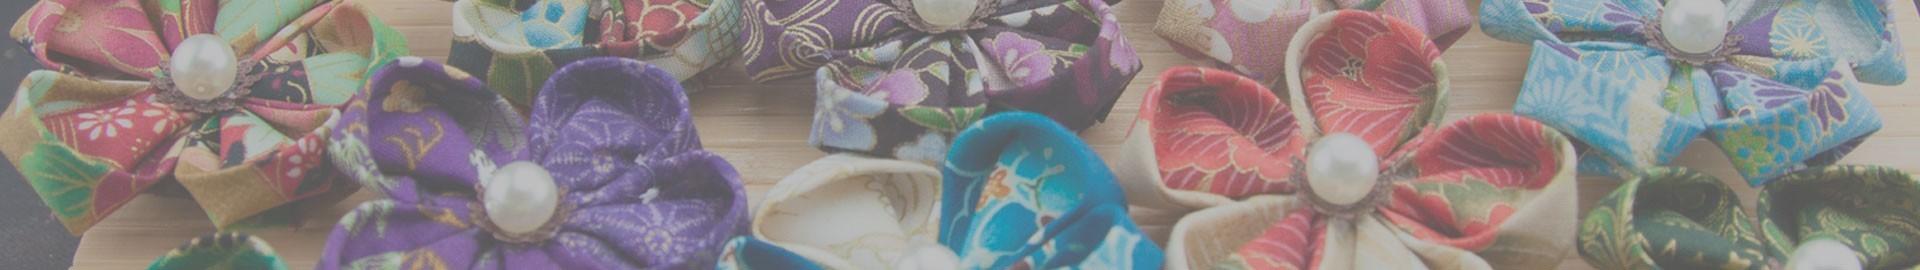 Broches de flores Kanzashi